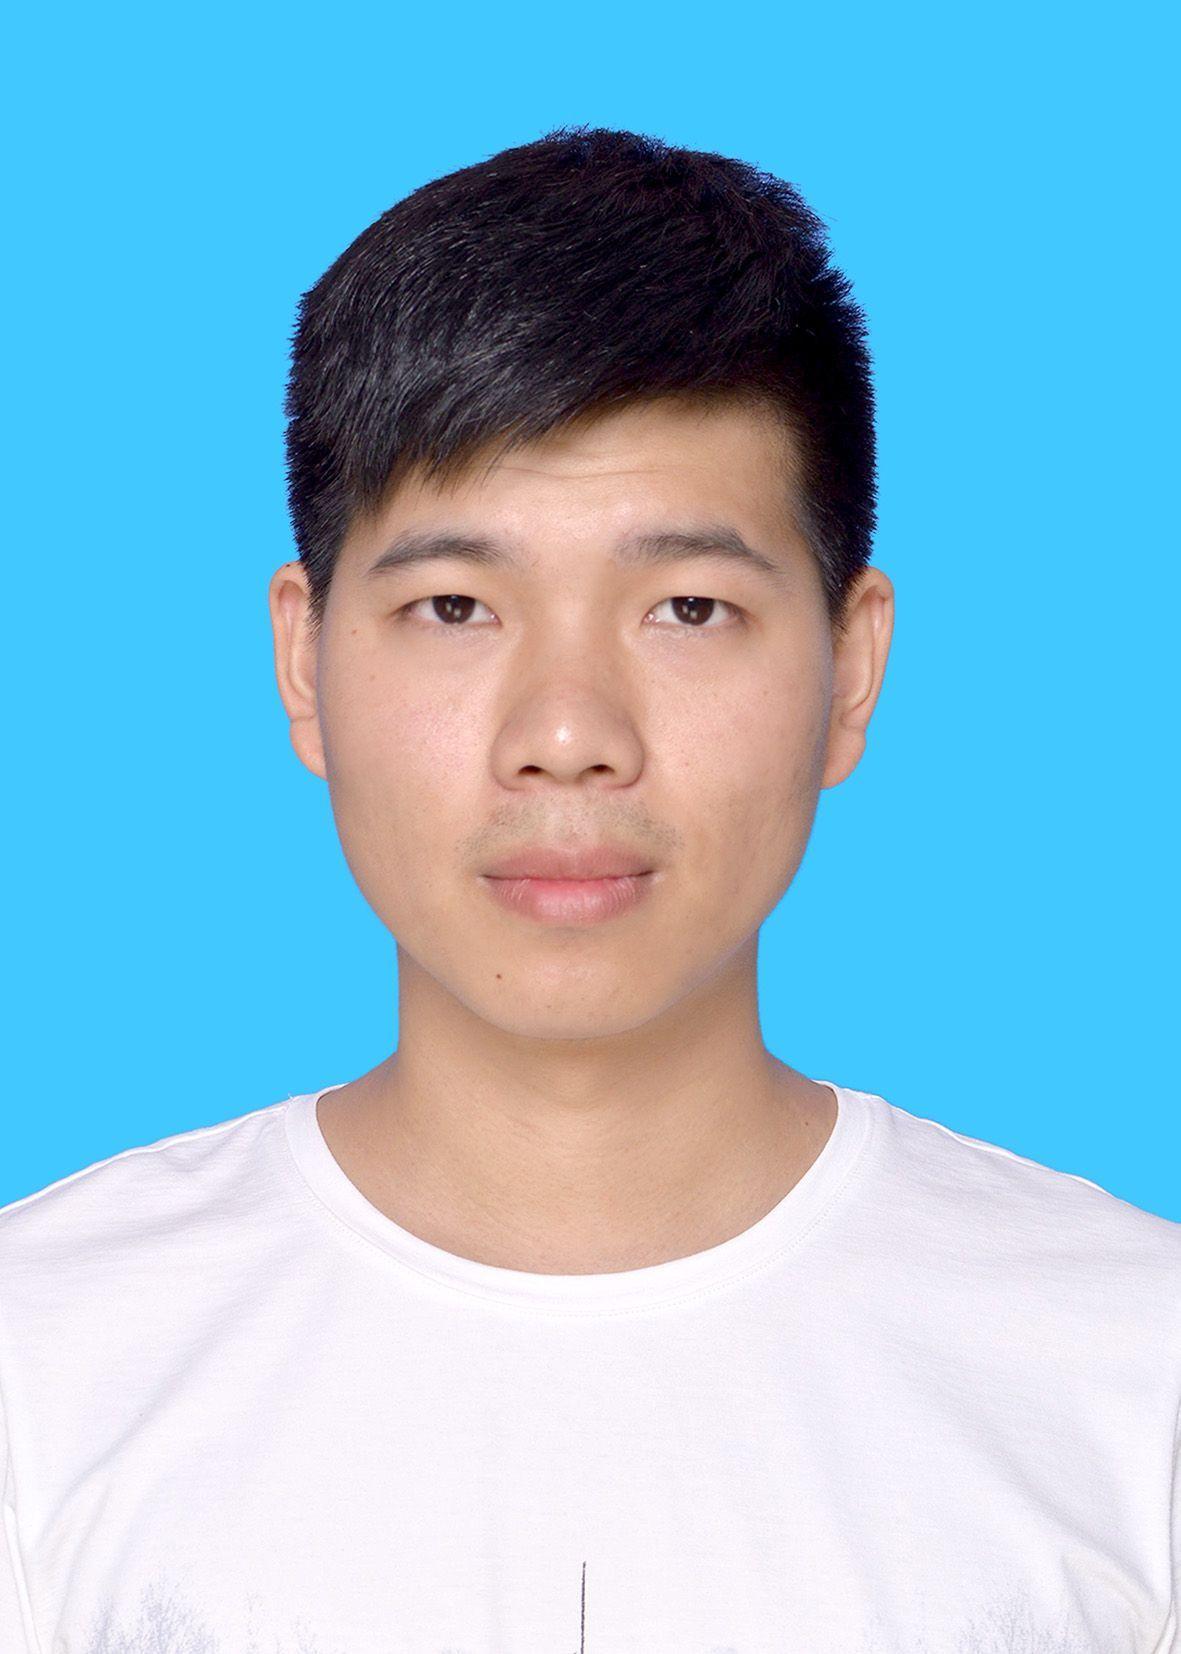 深圳家教杨教员